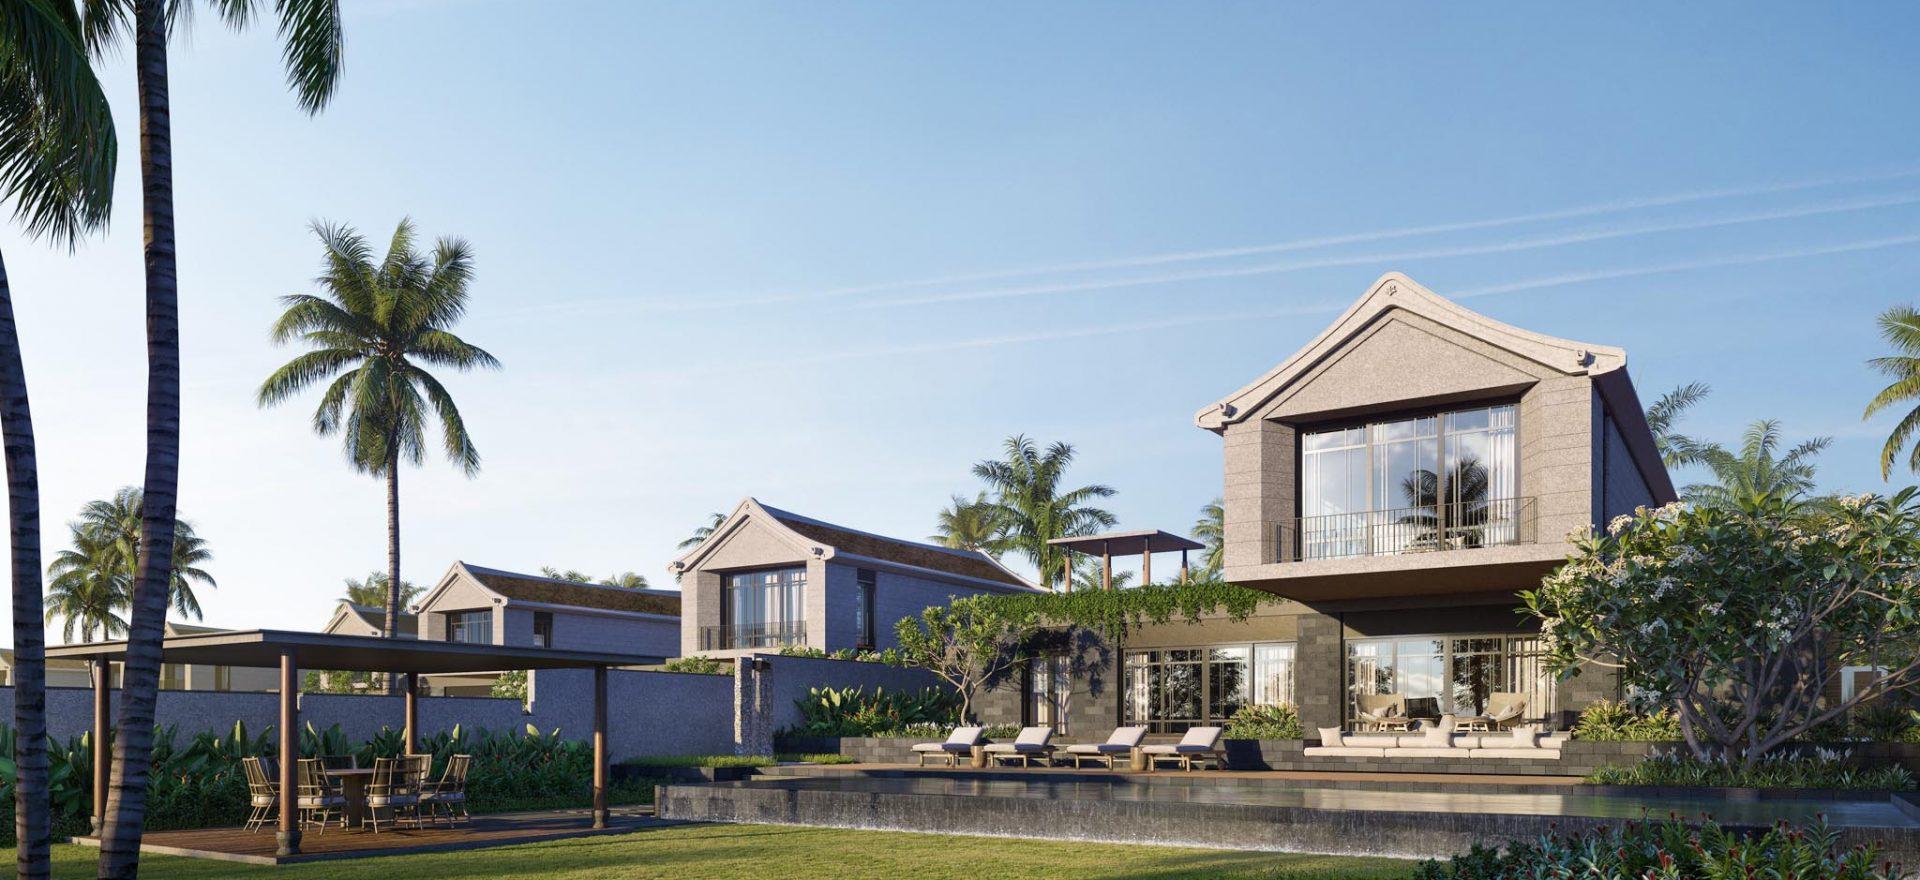 Park Hyatt Phu Quoc - Hill Villas